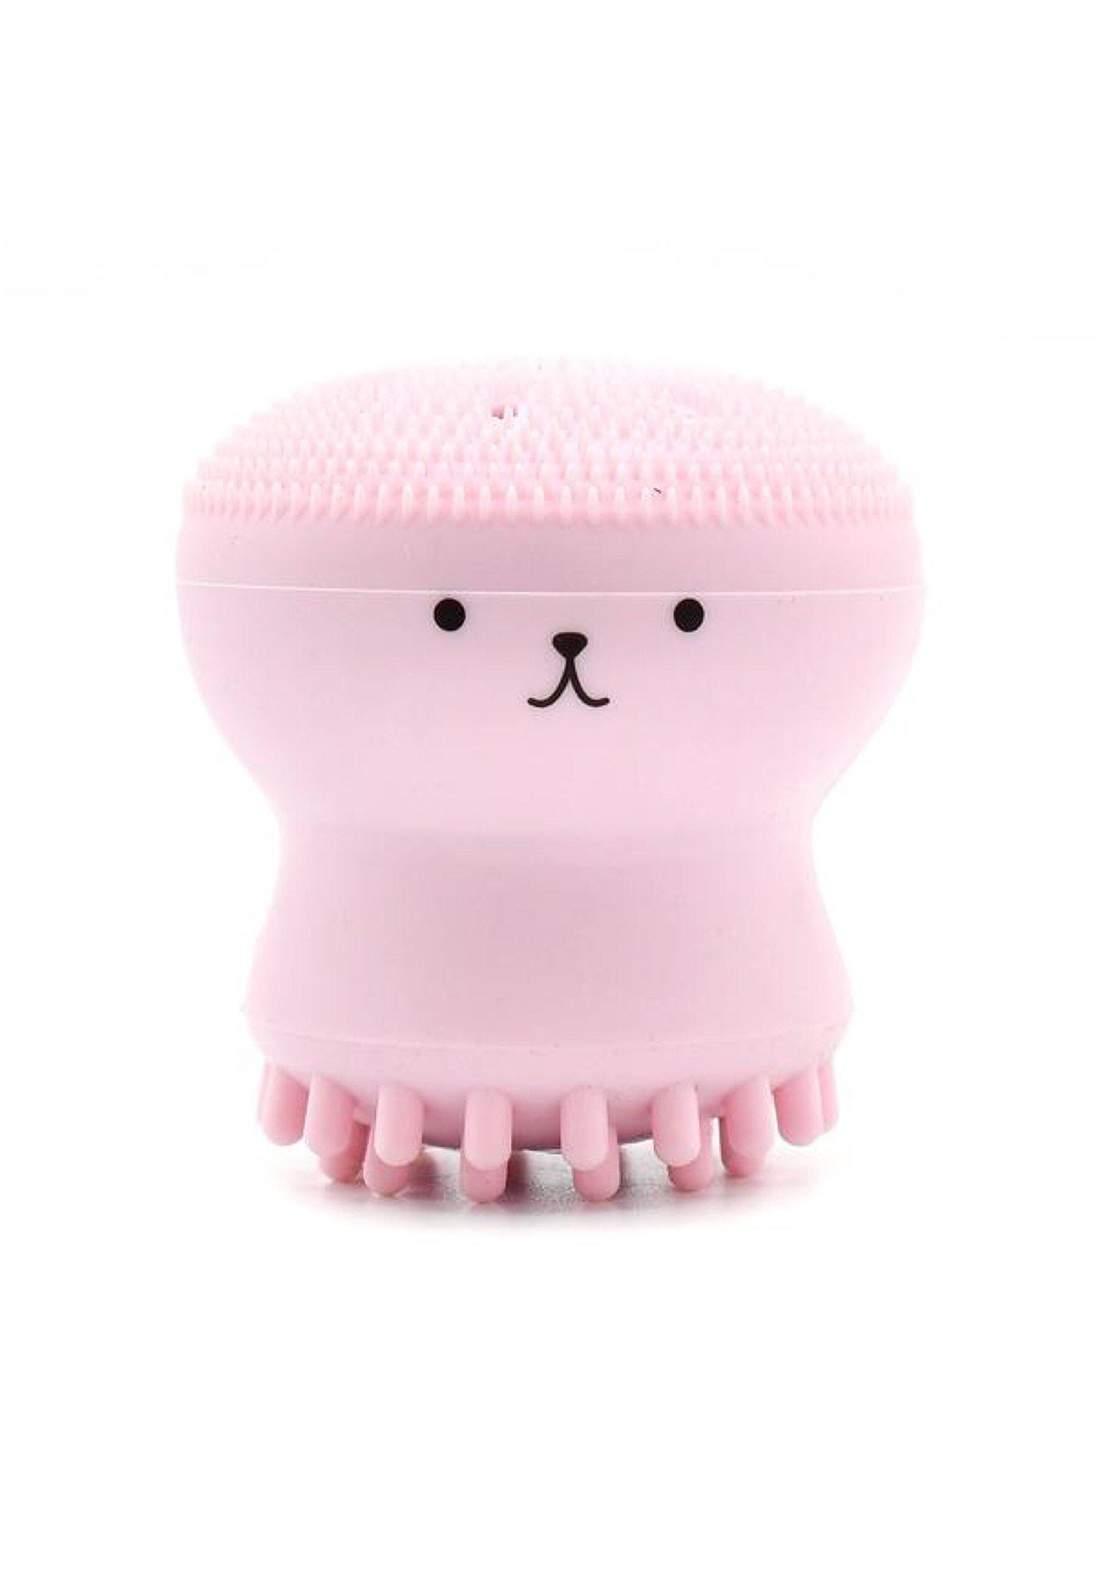 فرشاة سيليكون لتنظيف البشرة Etude House Jellyfish Silicon Brush